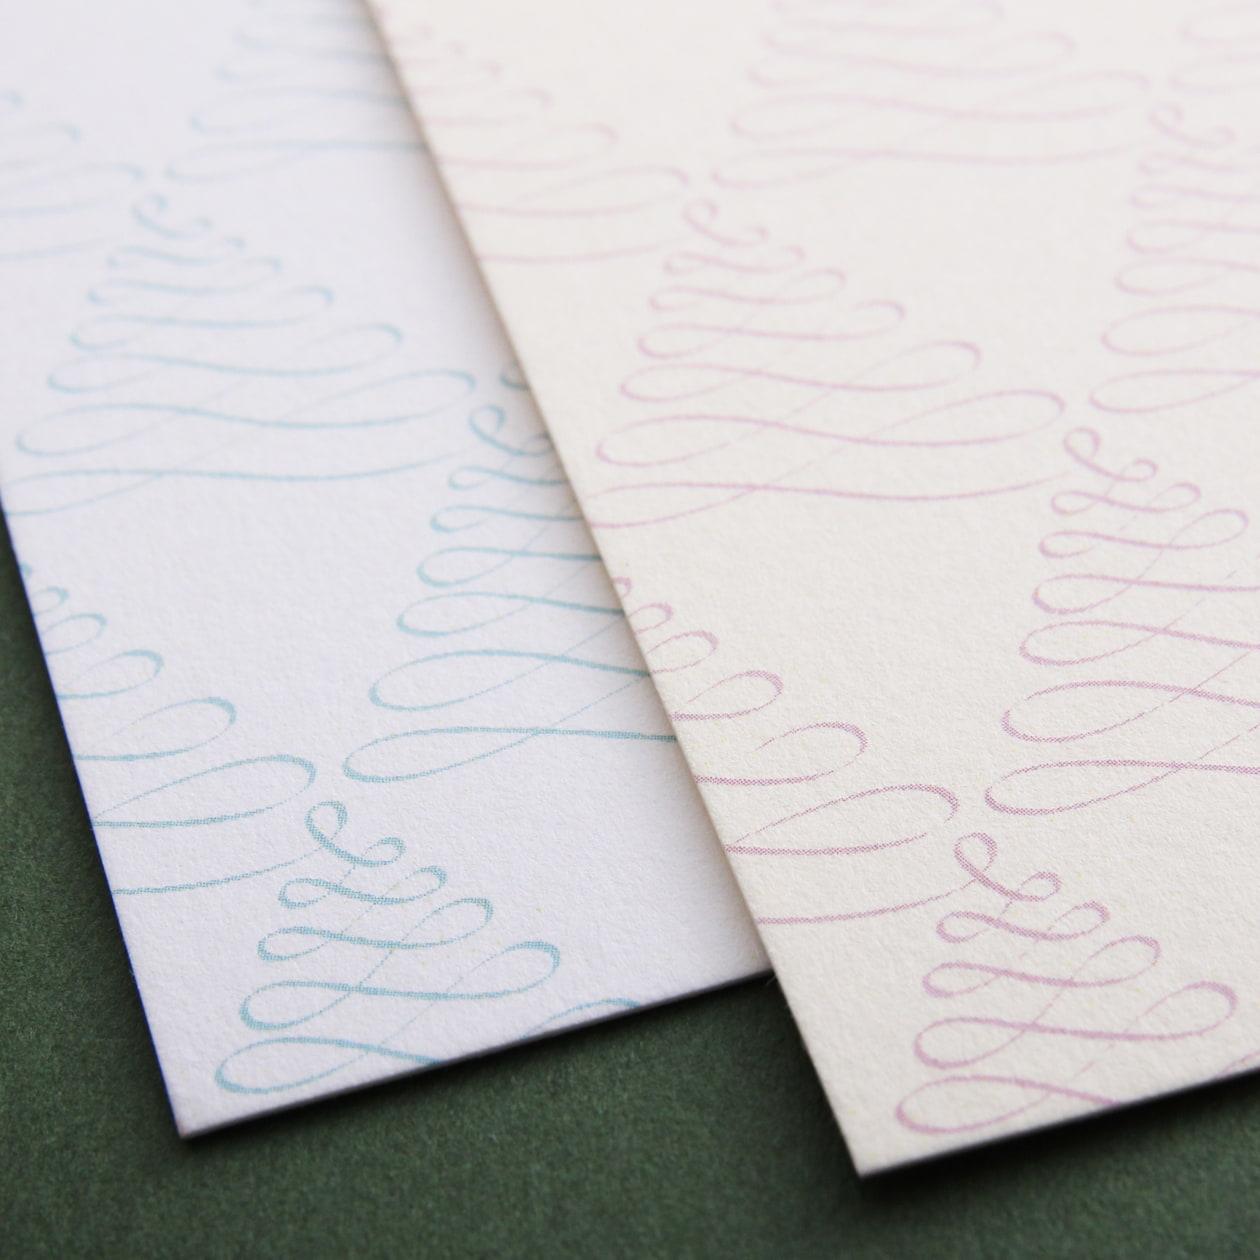 もみの木のようなモチーフが並んだ 正方形のカード